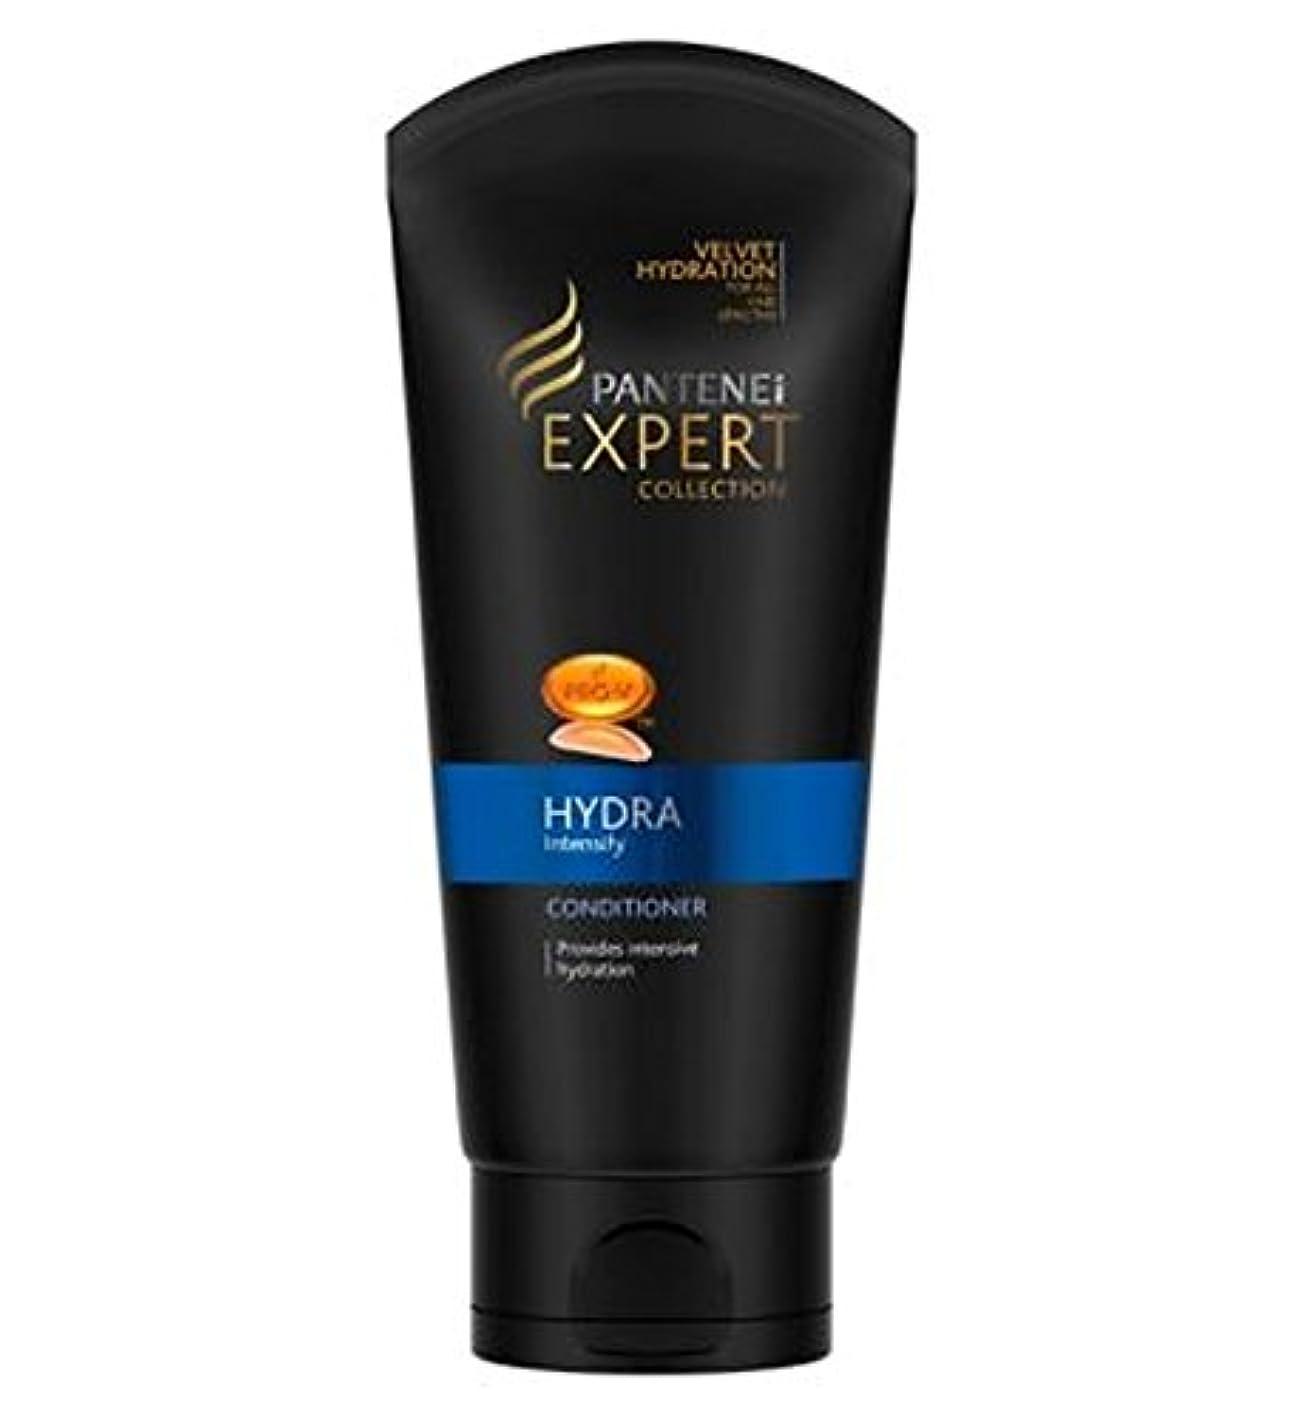 広く価格肥料Pantene Expert Collection Conditioner Hydra Intensify for dry hair 200ml - パンテーン専門家のコレクションコンディショナーヒドラは、乾いた髪の200ミリリットルのための激化します (Pantene) [並行輸入品]